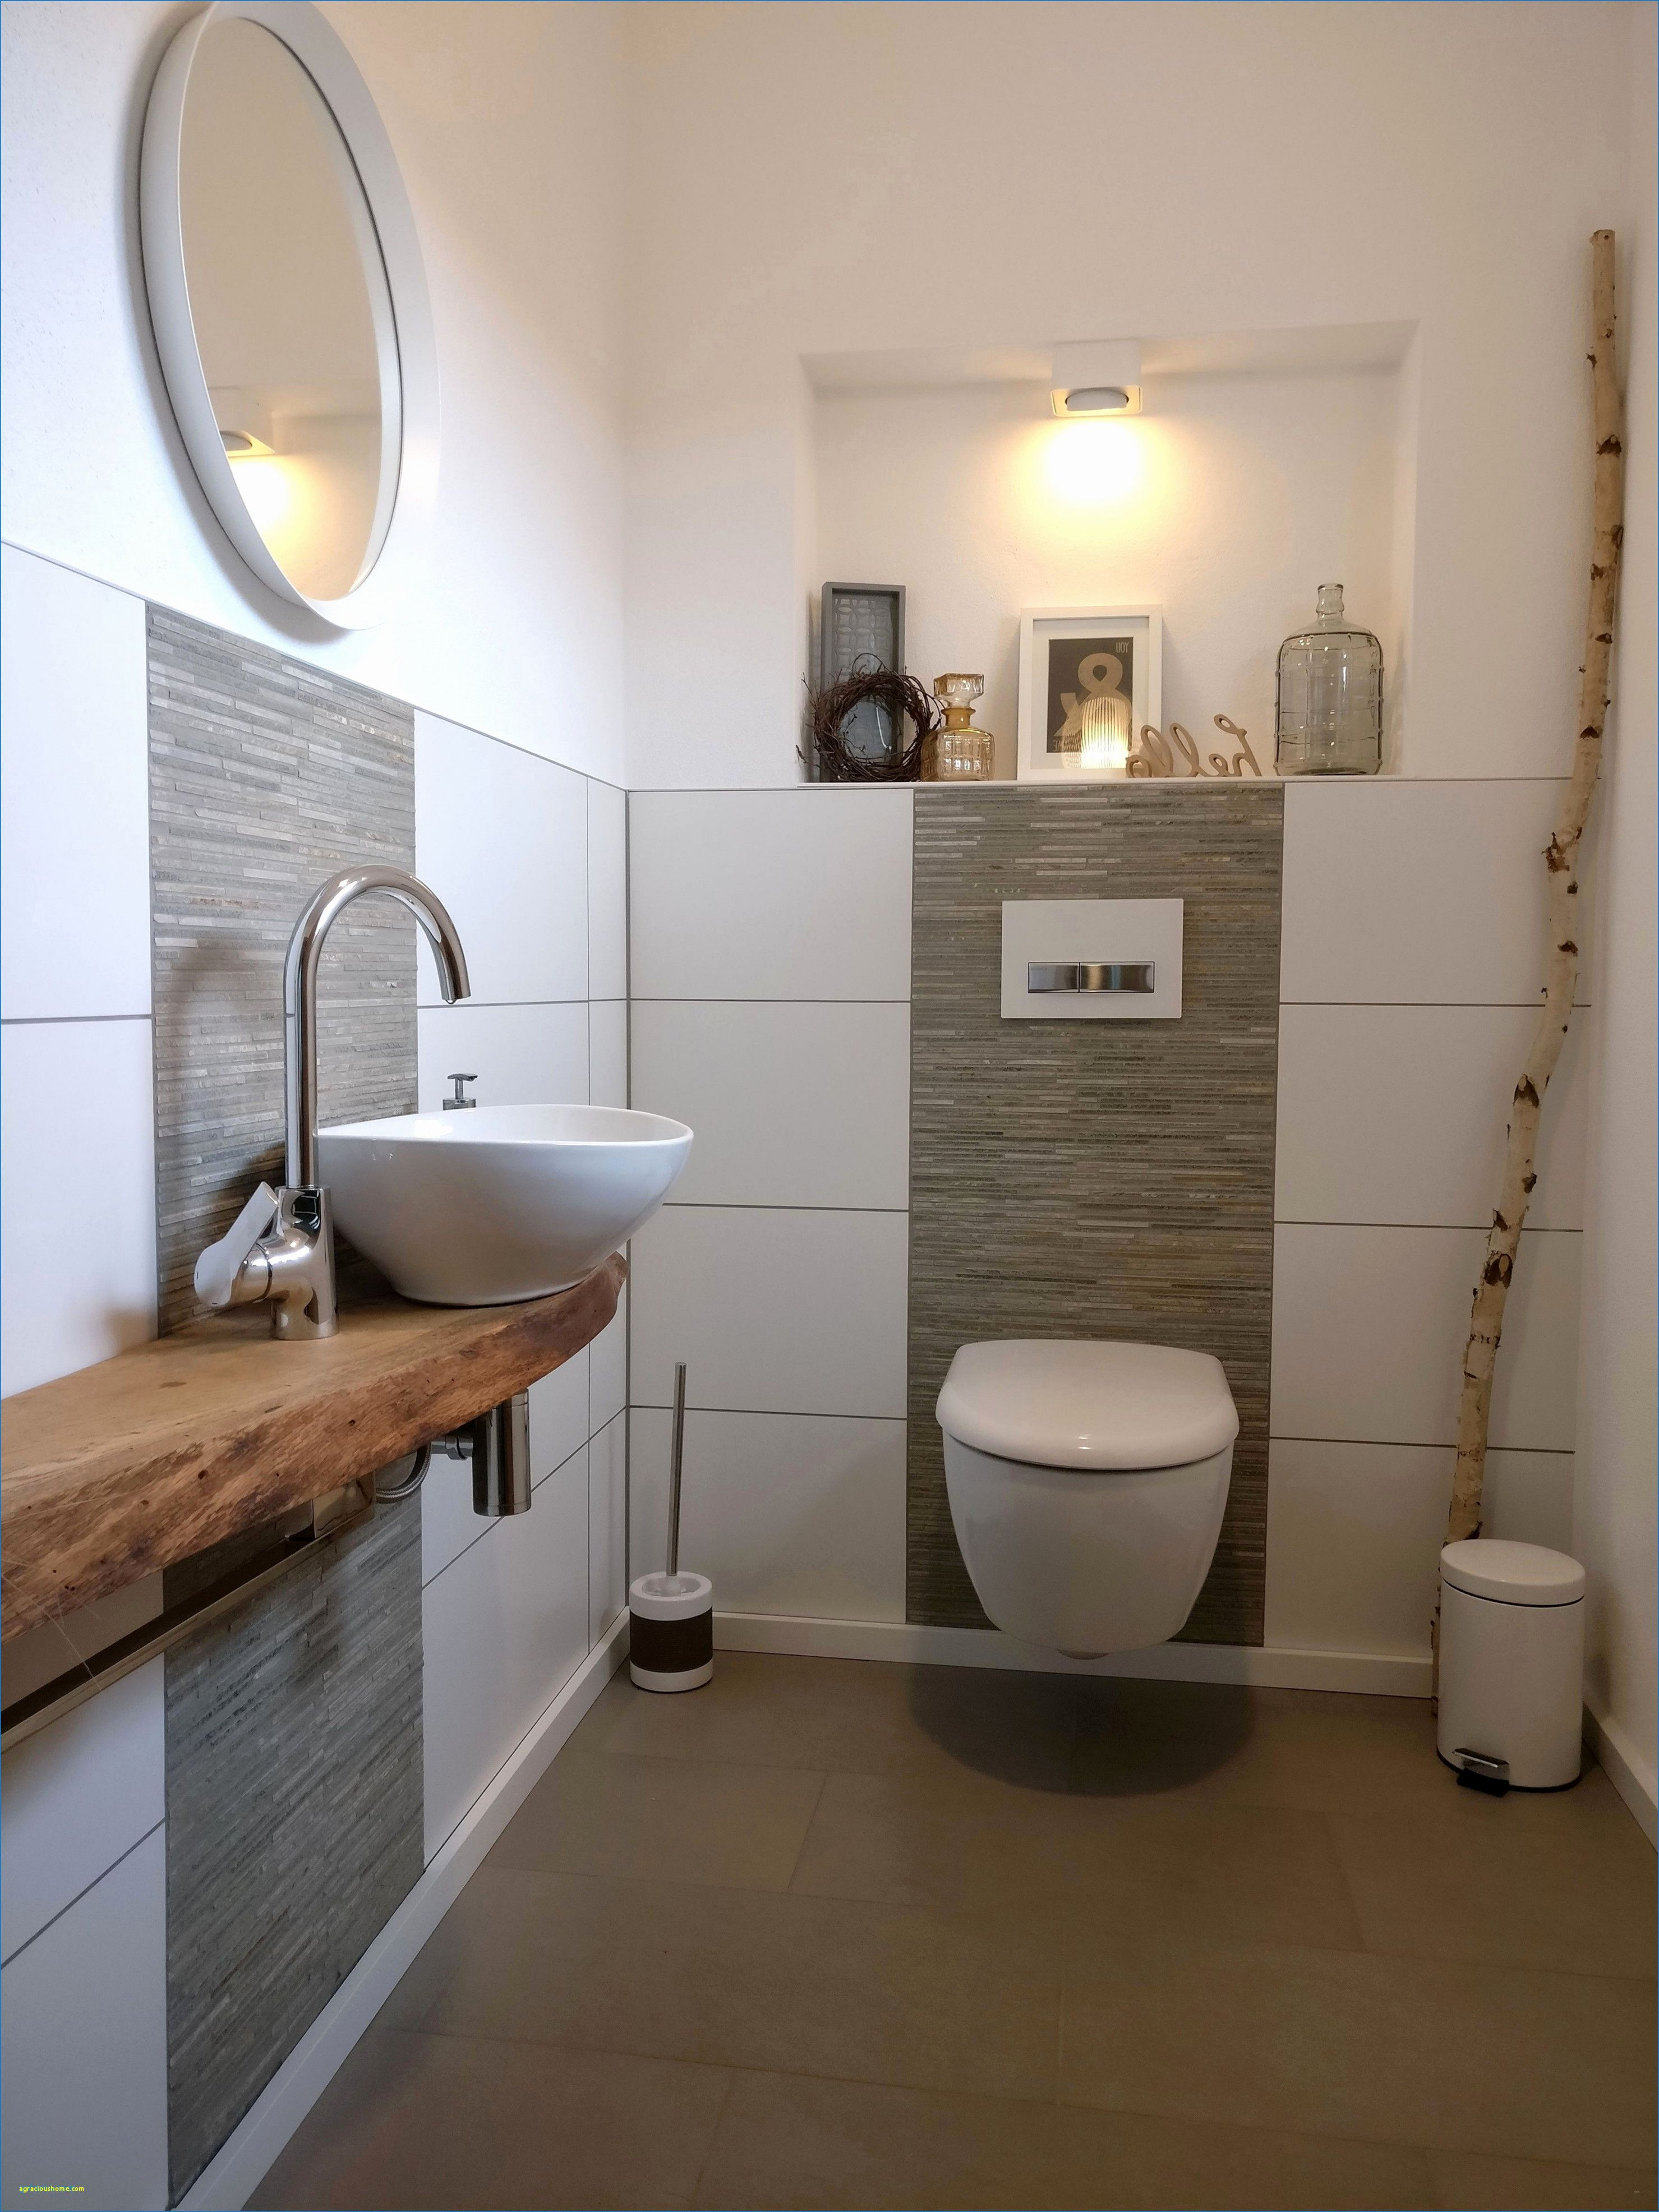 Kleines Bad Renovieren Ideen In 2020 Kleines Bad Renovieren Badezimmer Renovieren Bad Renovieren